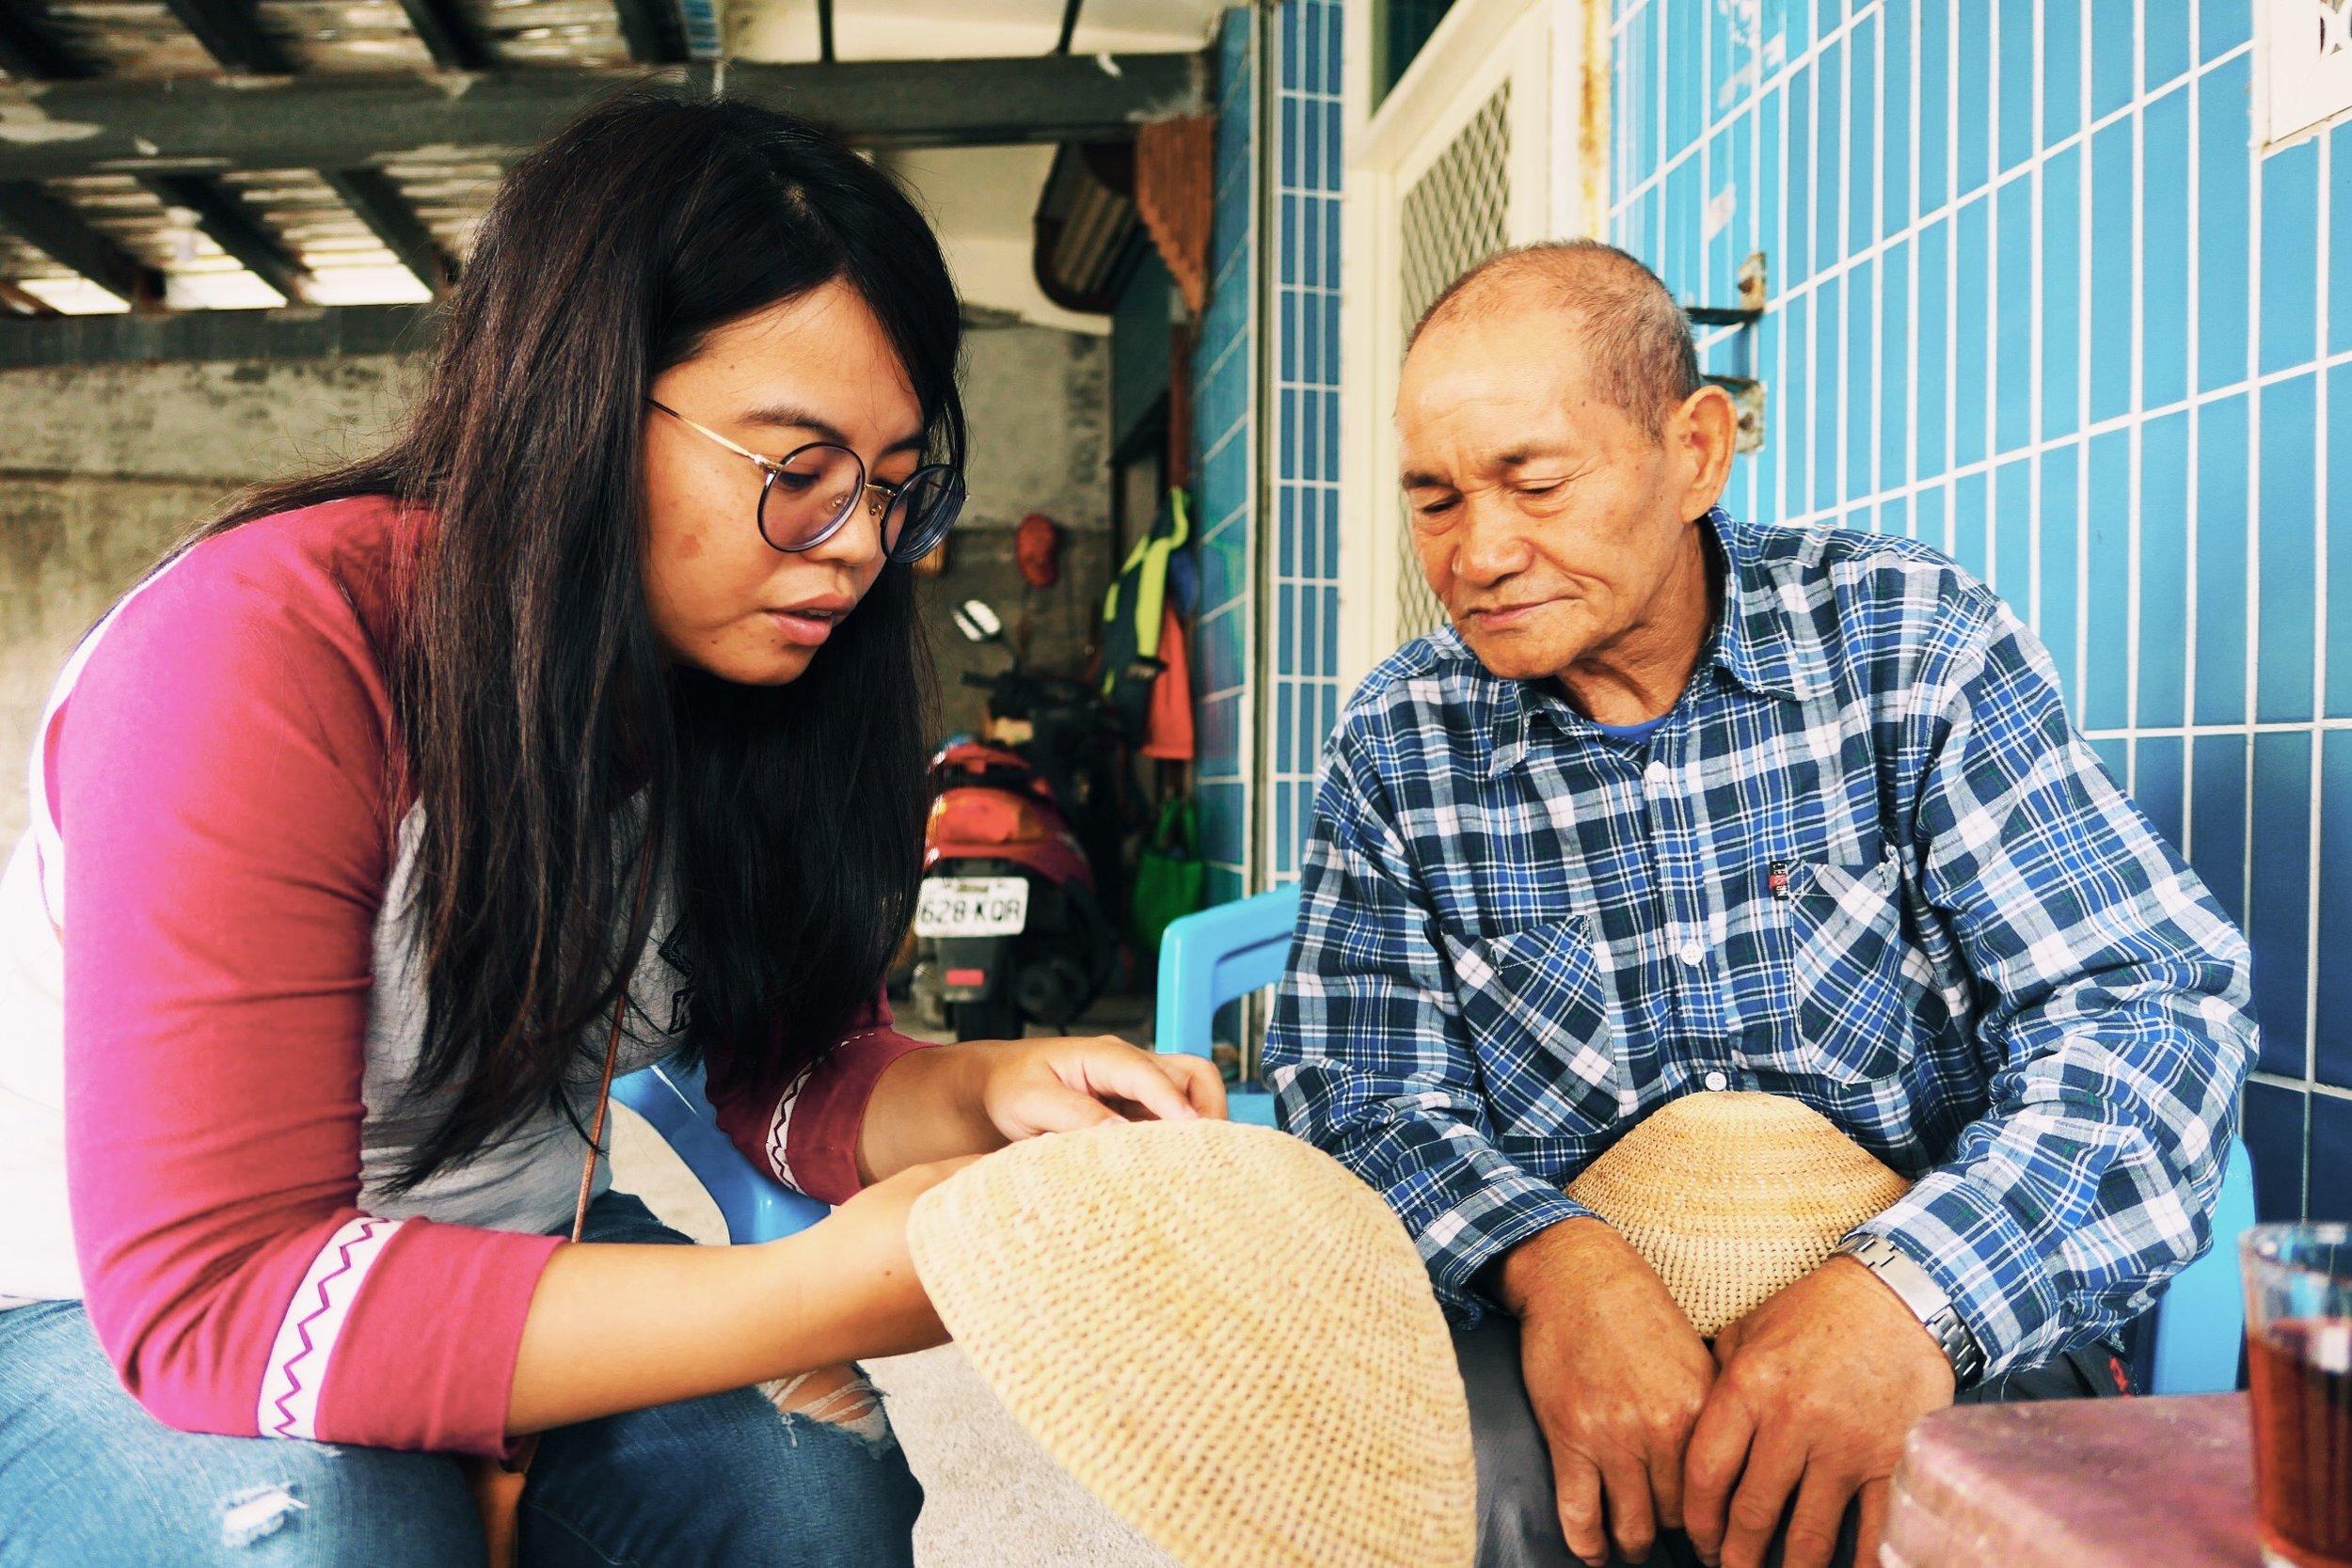 討論kafong(藤帽)的製作編法